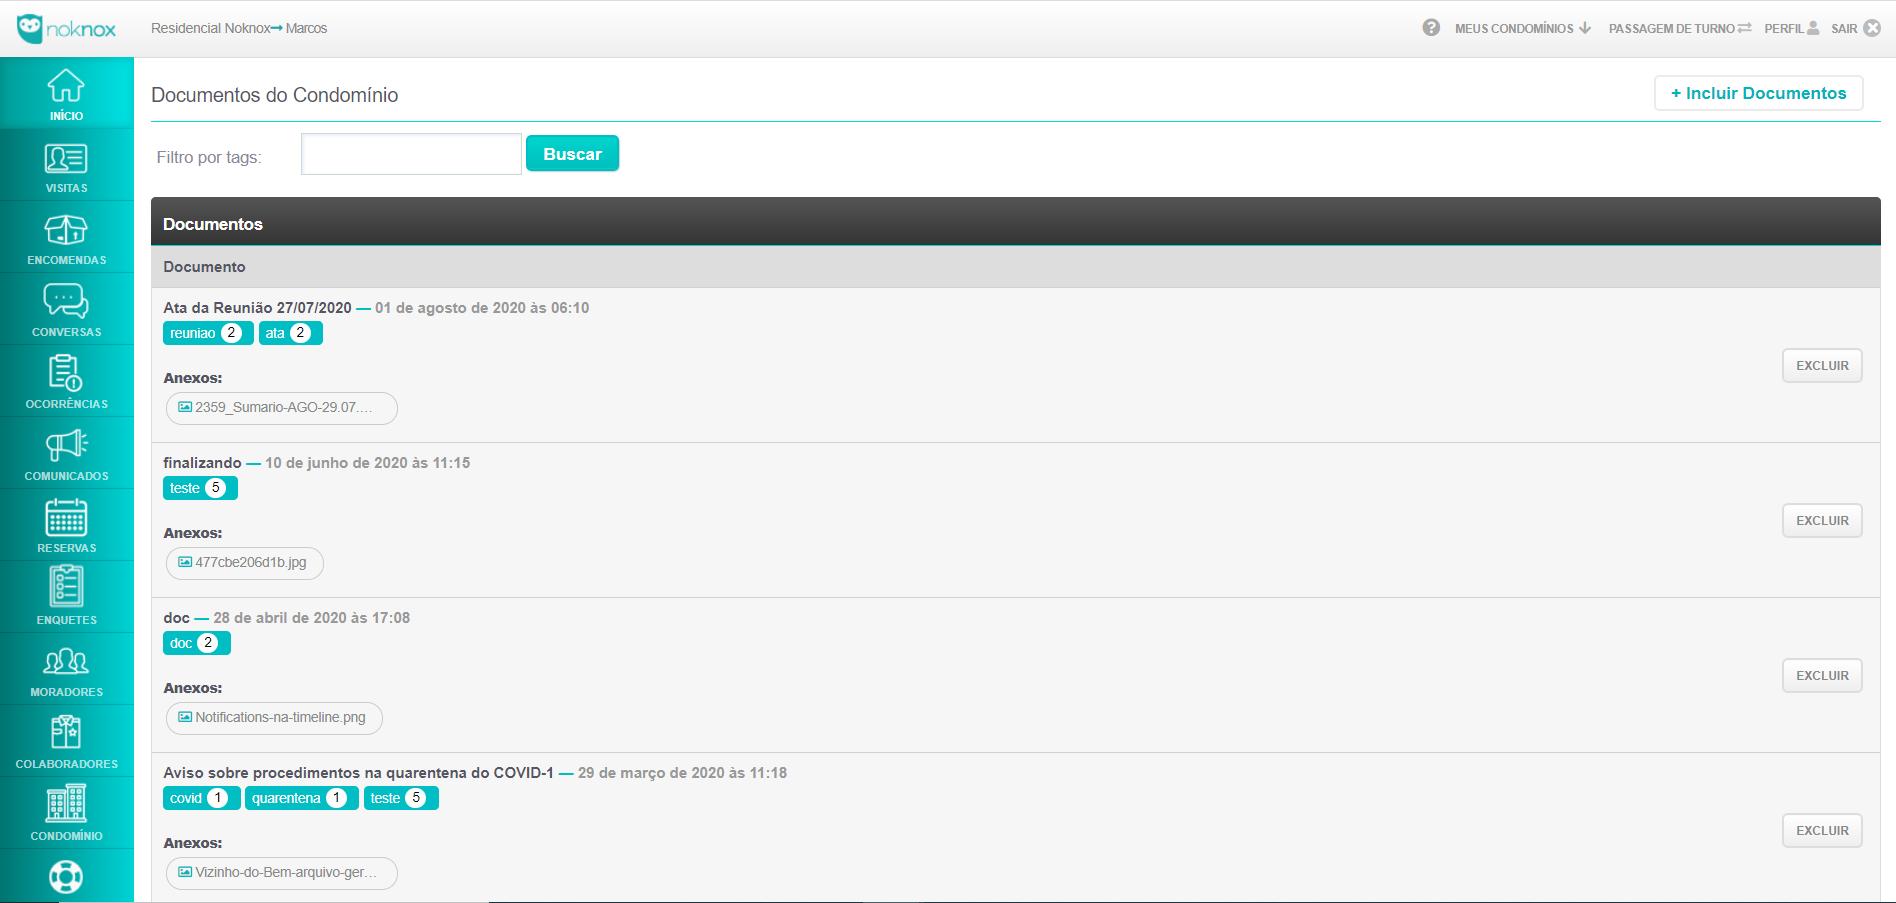 Plataforma para Condomínio Noknox - Função Documentos